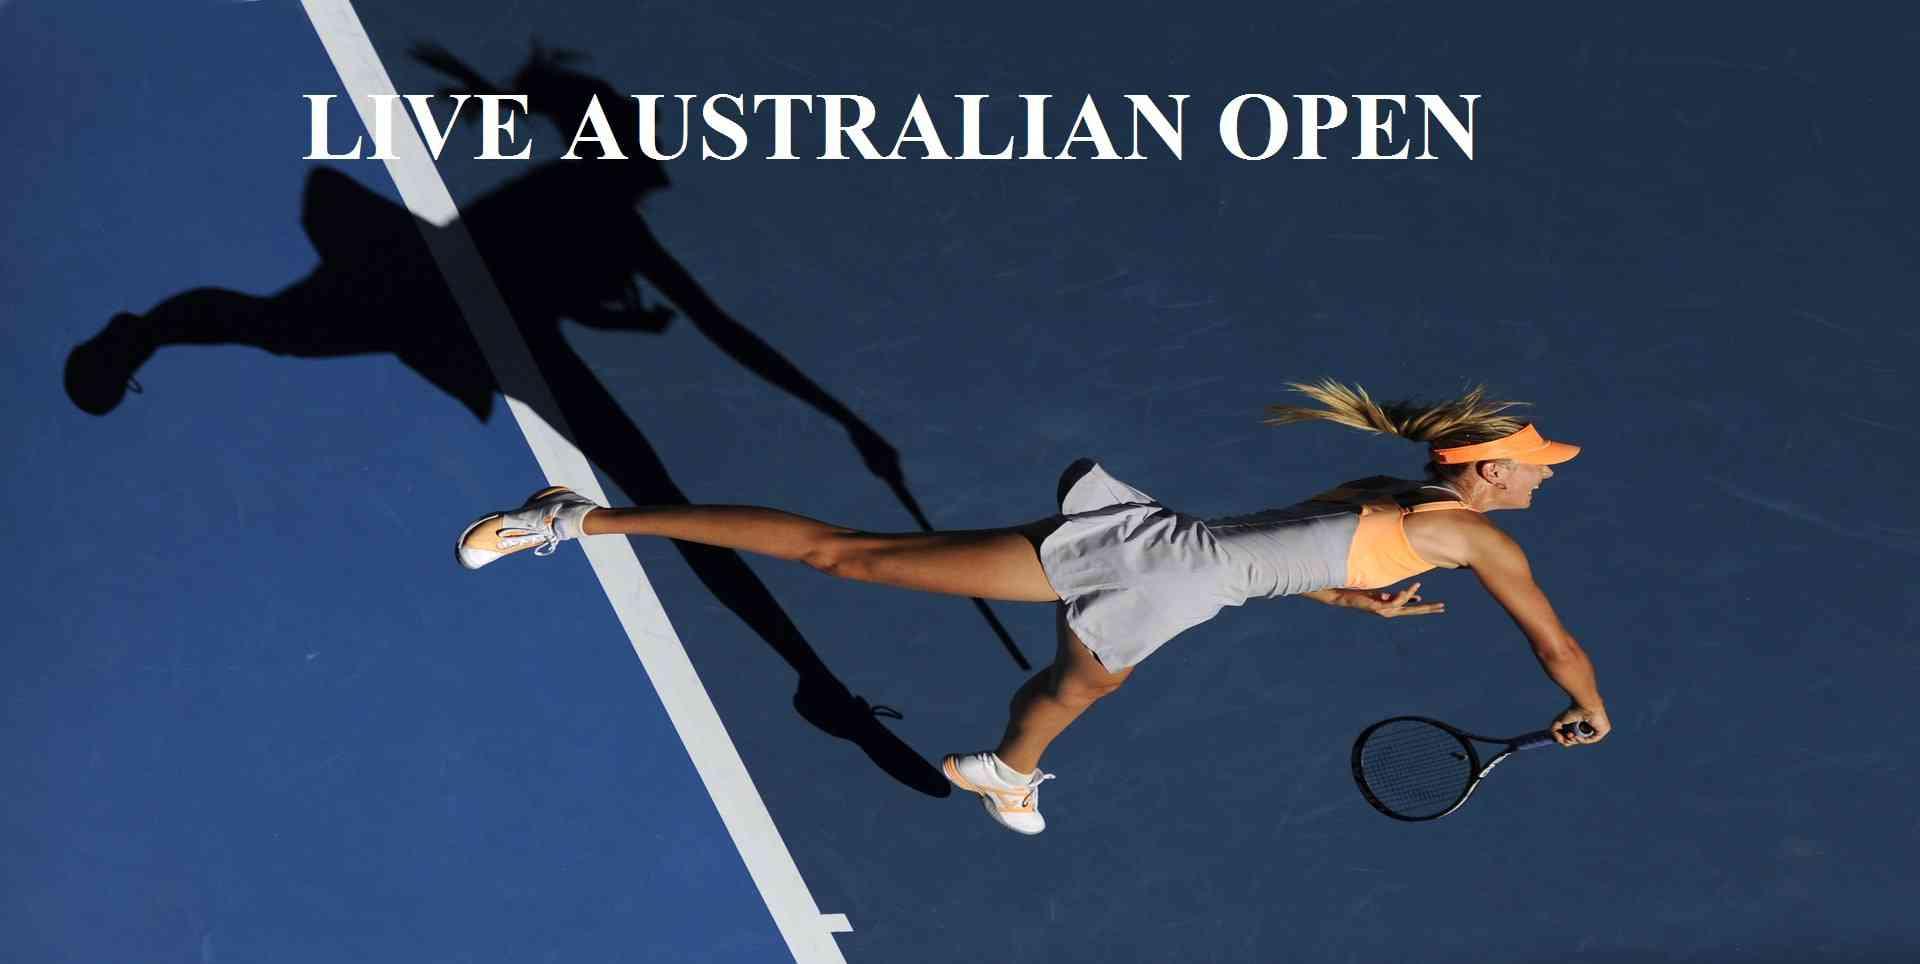 2018 Australian Open Entry List